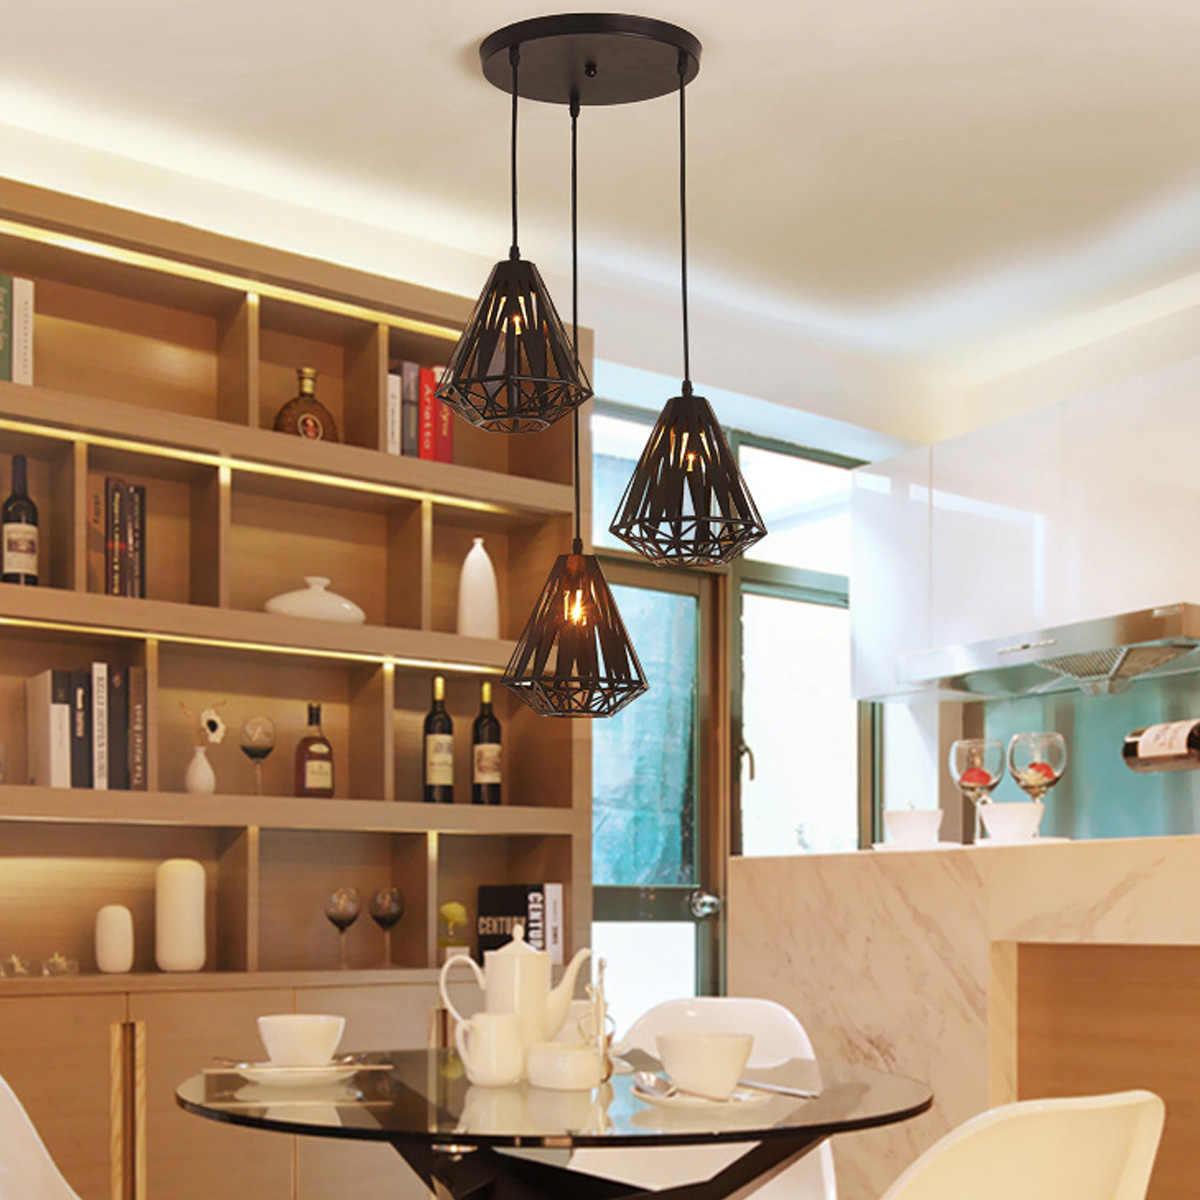 YWXLight E27 современная люстра в минималистическом стиле Ресторан кованого железа люстра индивидуальный светильник Арт Бар креативного освещения